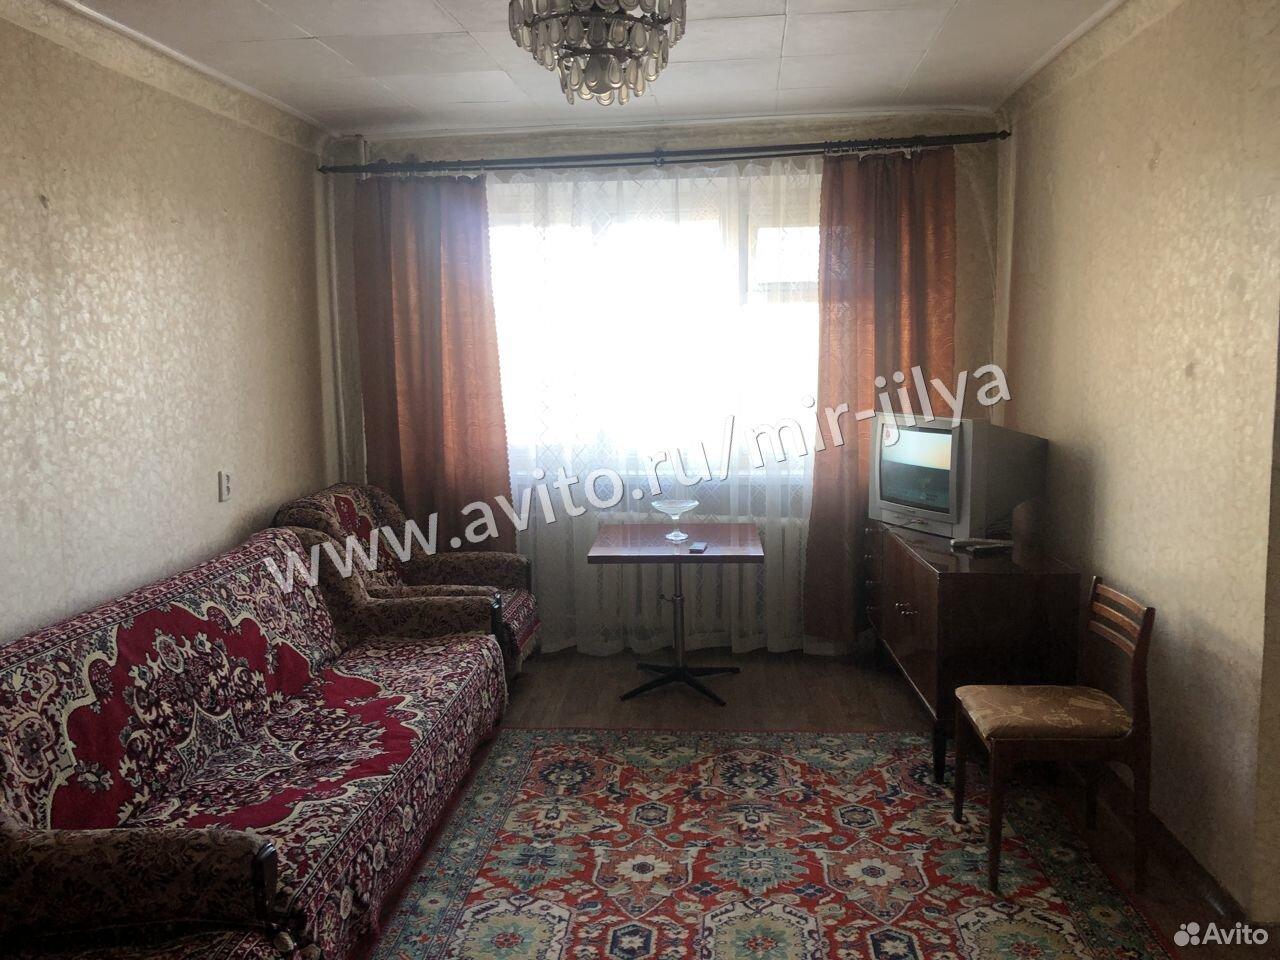 1-к квартира, 32 м², 4/5 эт.  89178314696 купить 1